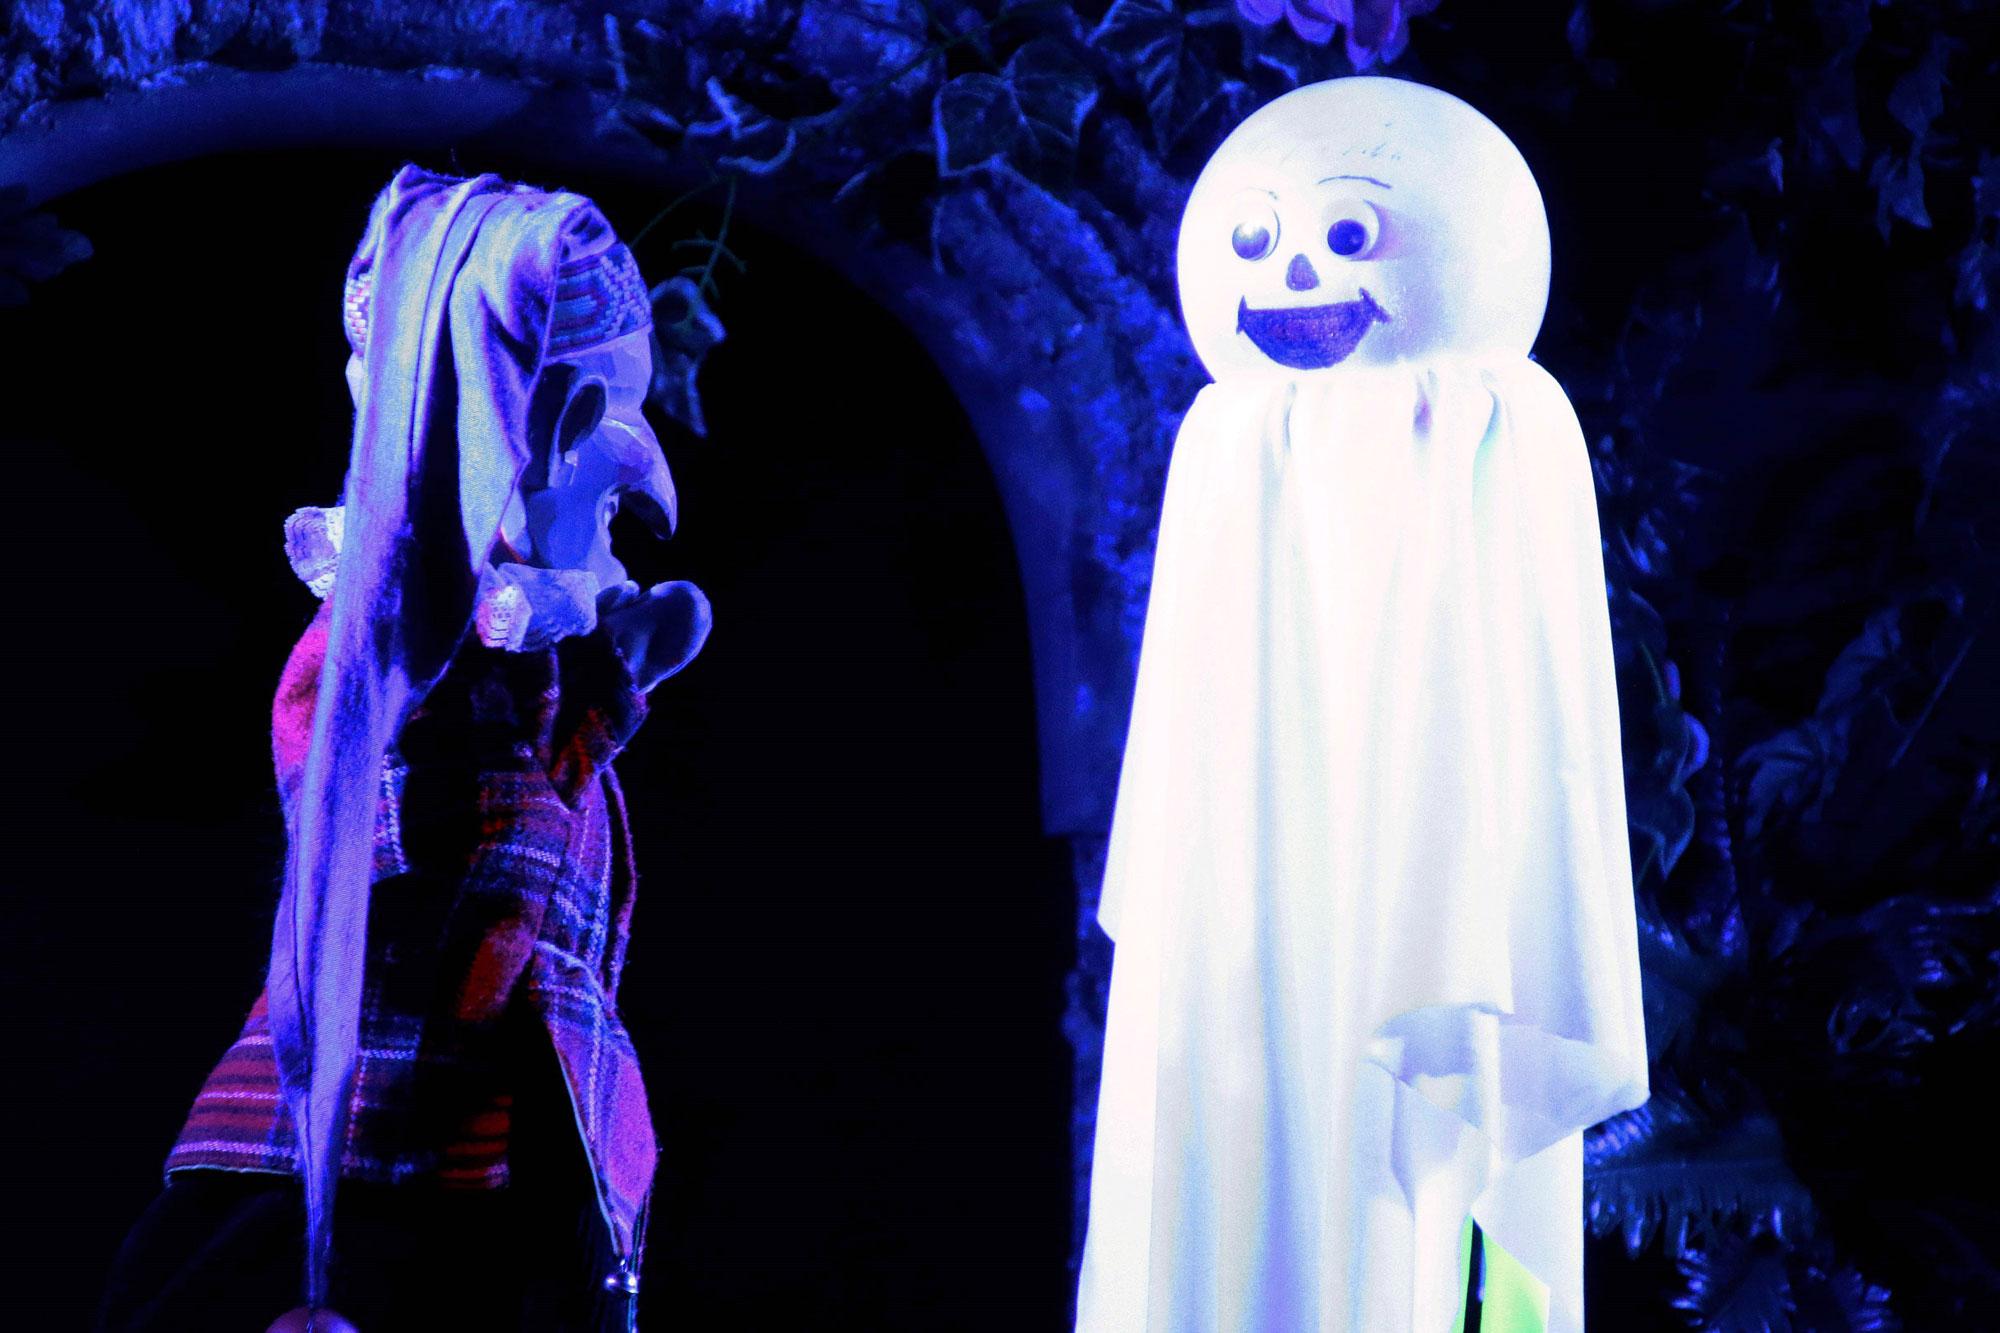 Josef Tränklers Puppenbühne gastiert, passend zur Jahreszeit, mit einer Halloween-Geschichte in Haltern am See. (Foto: OMK MEDIA Oliver M. Klamke)